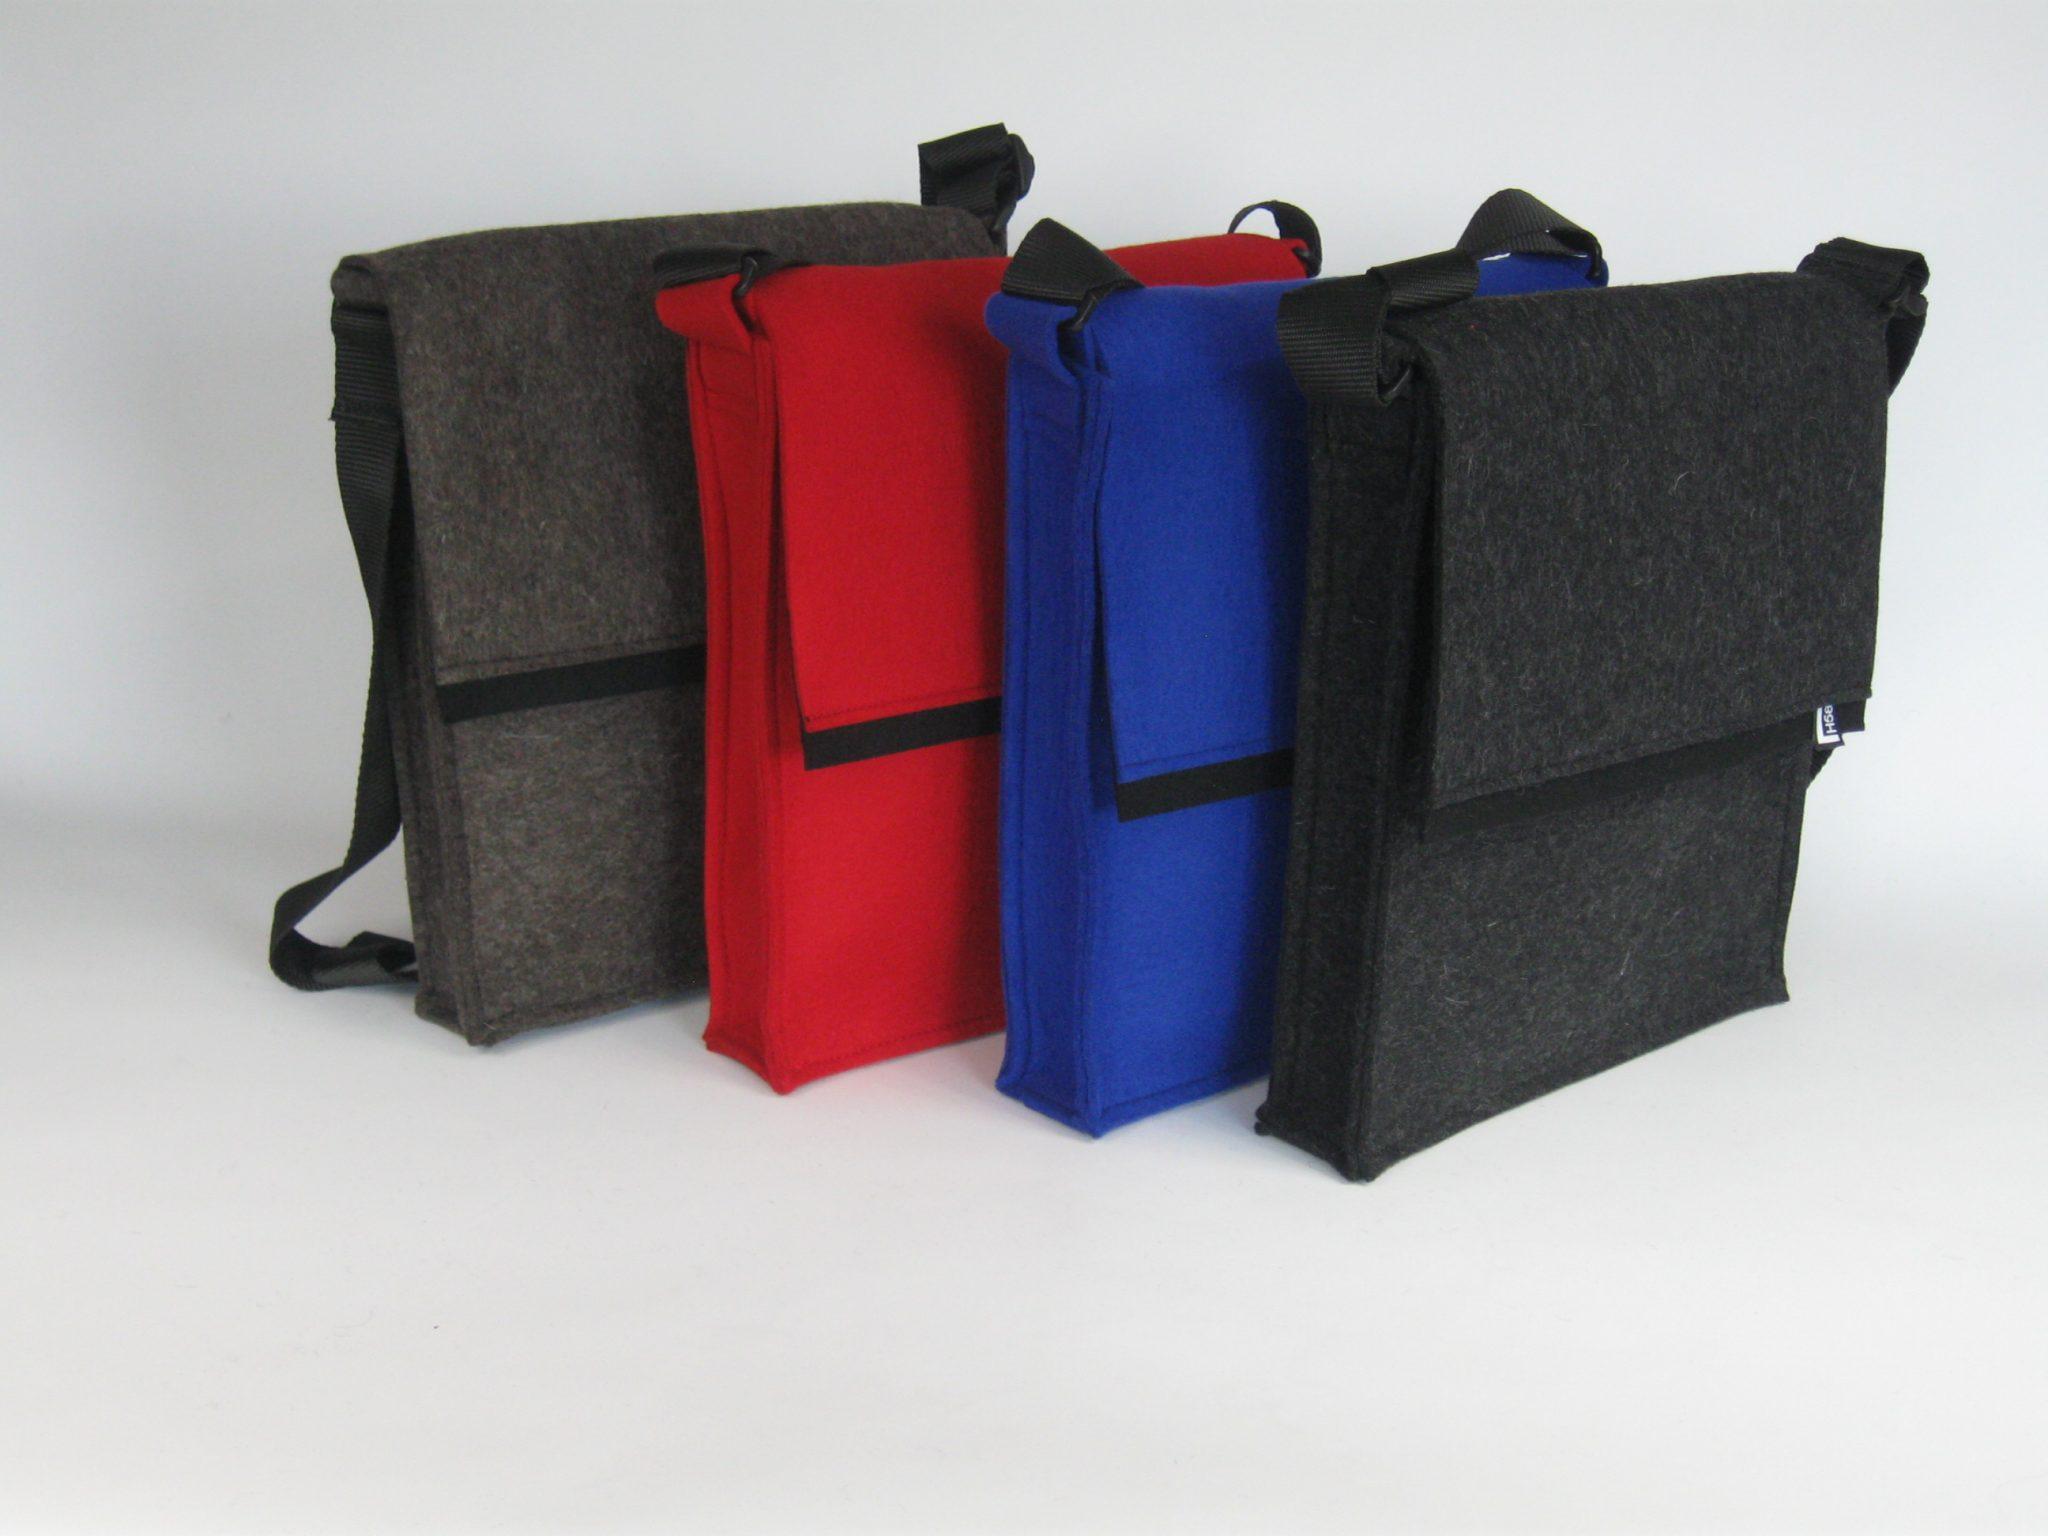 Hippe Tas A4 : A tas in kl lh bijdehandte tassen van lies